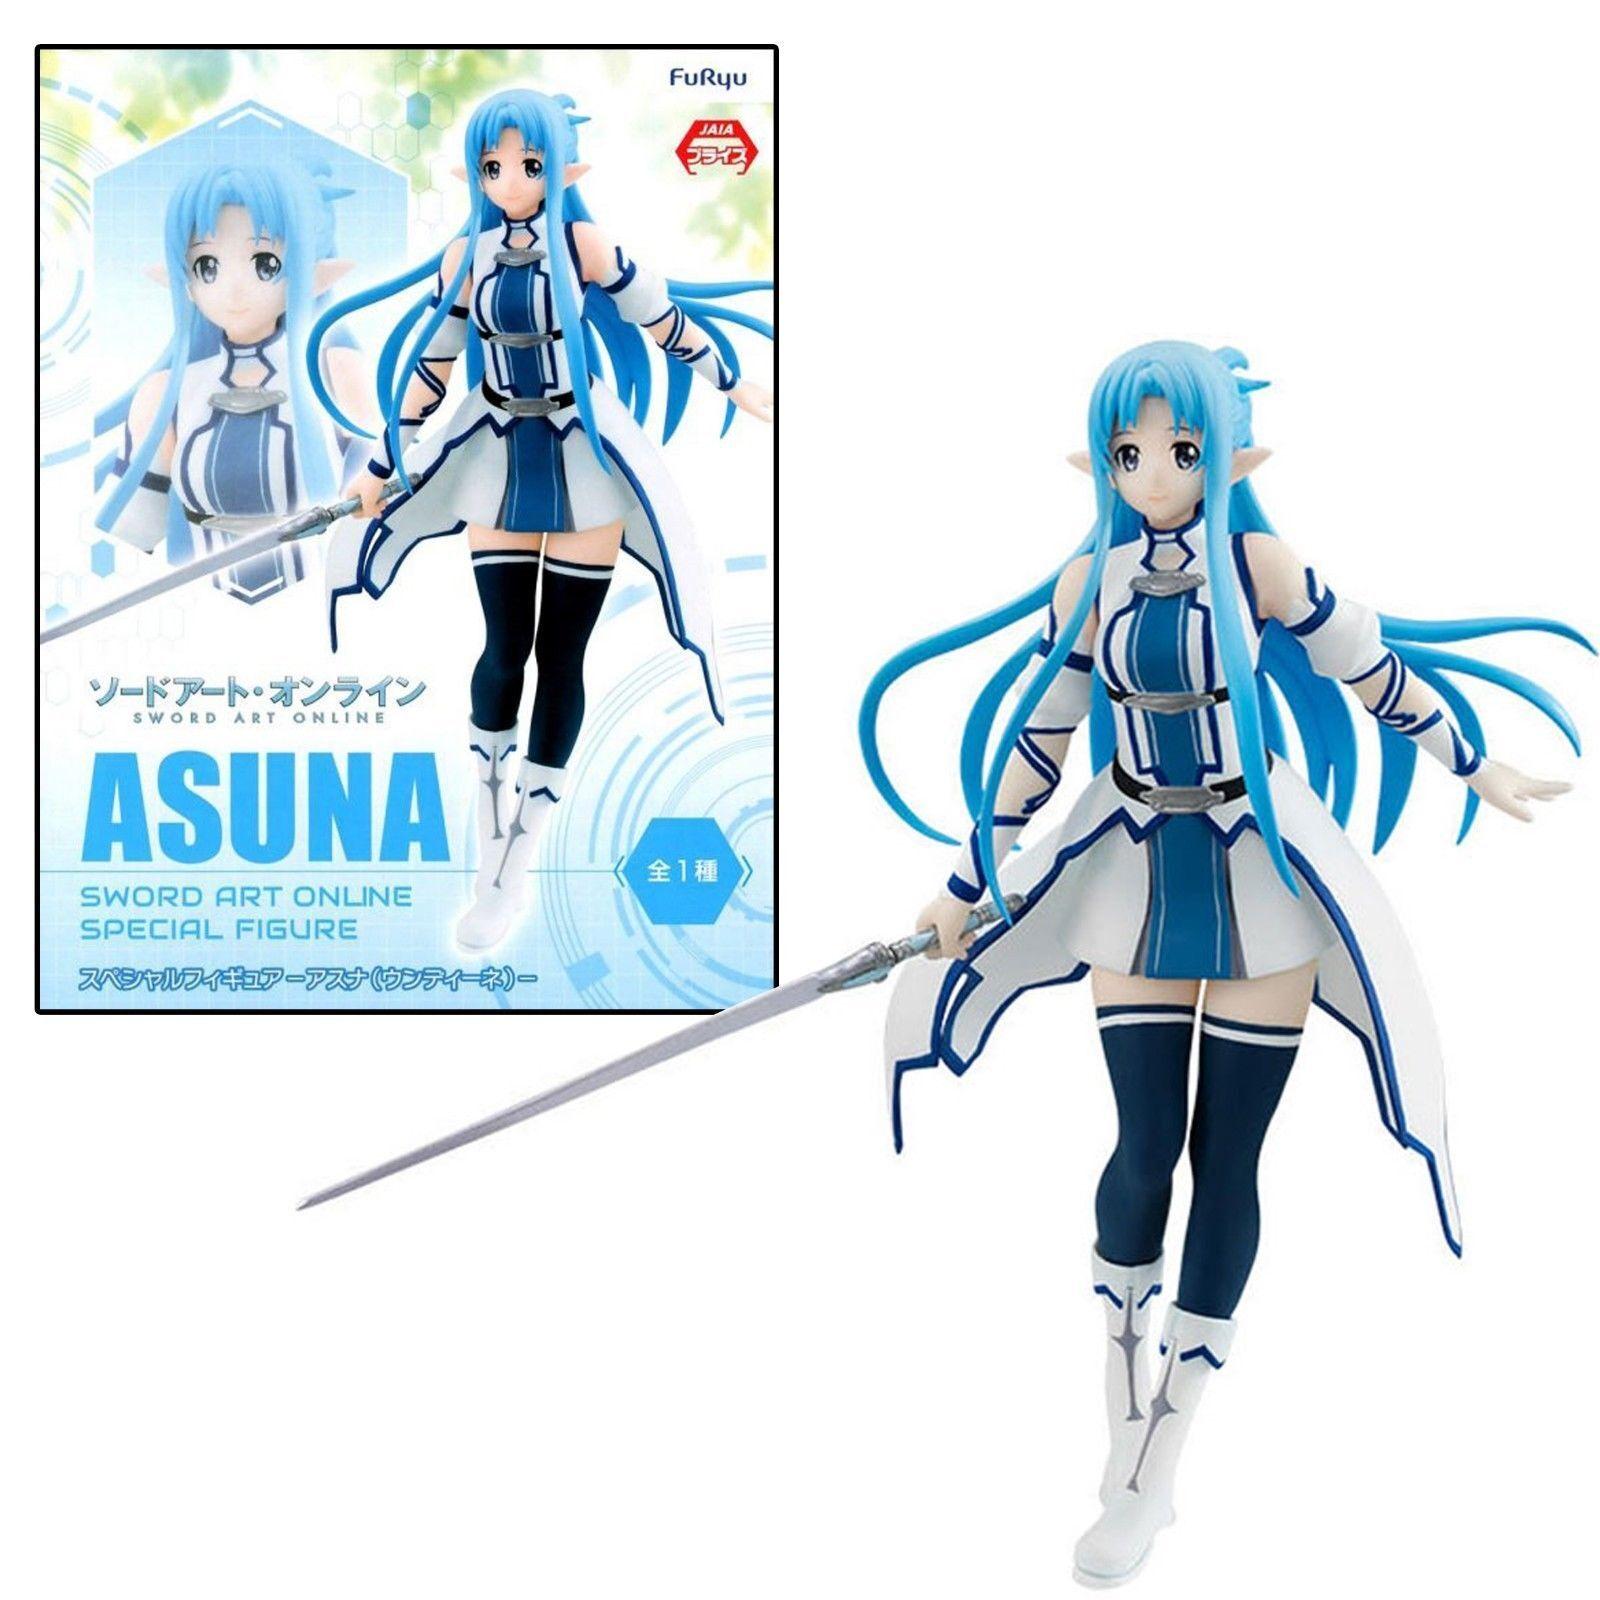 Sword Art Online Sao Ordinal Scale Special Figure Undine Asuna Originale Furyu